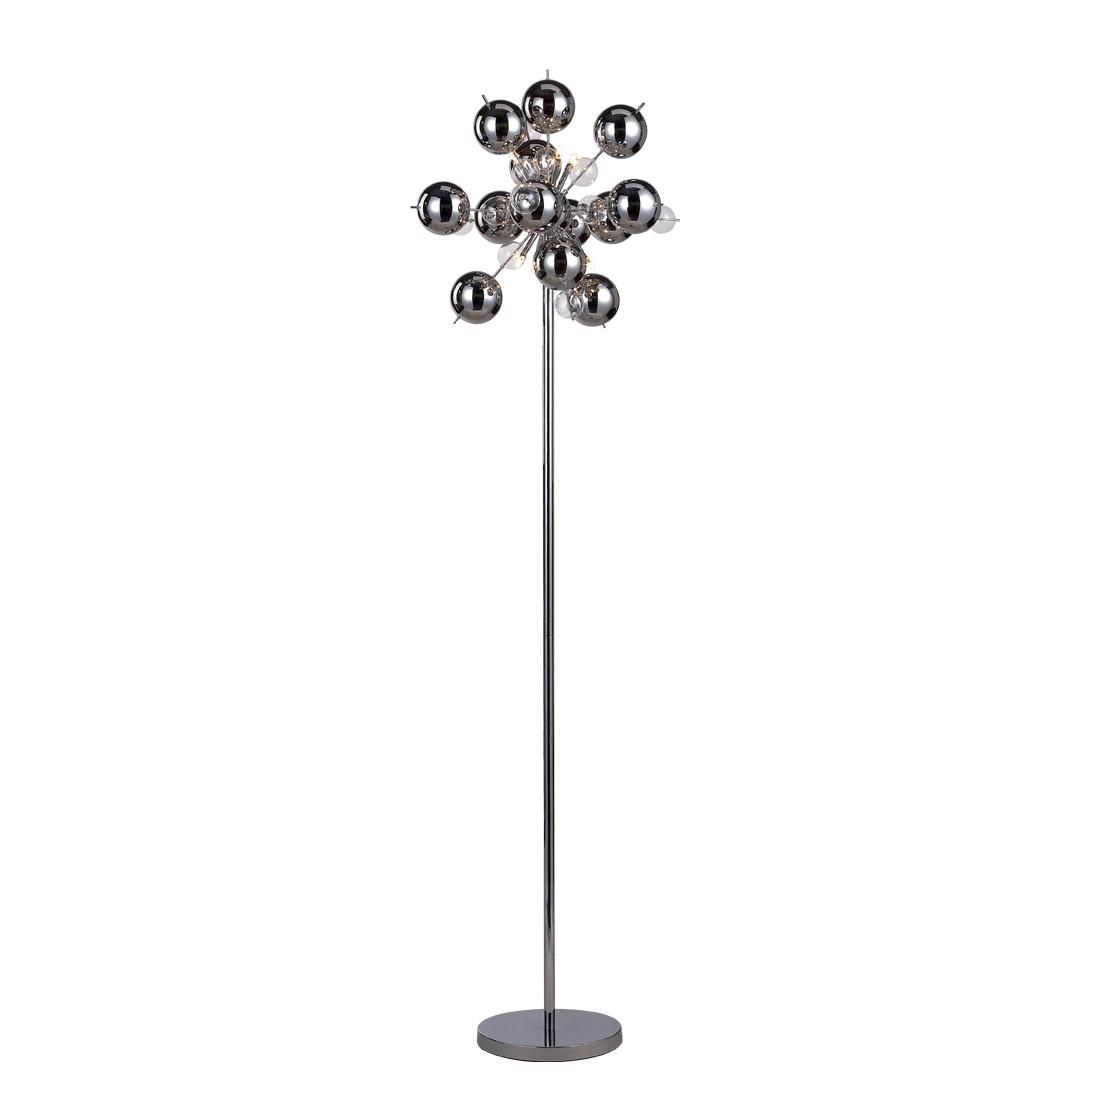 EEK A++, Lampadaire Glasball Explosion - Argenté Métal 6 ampoules, Näve